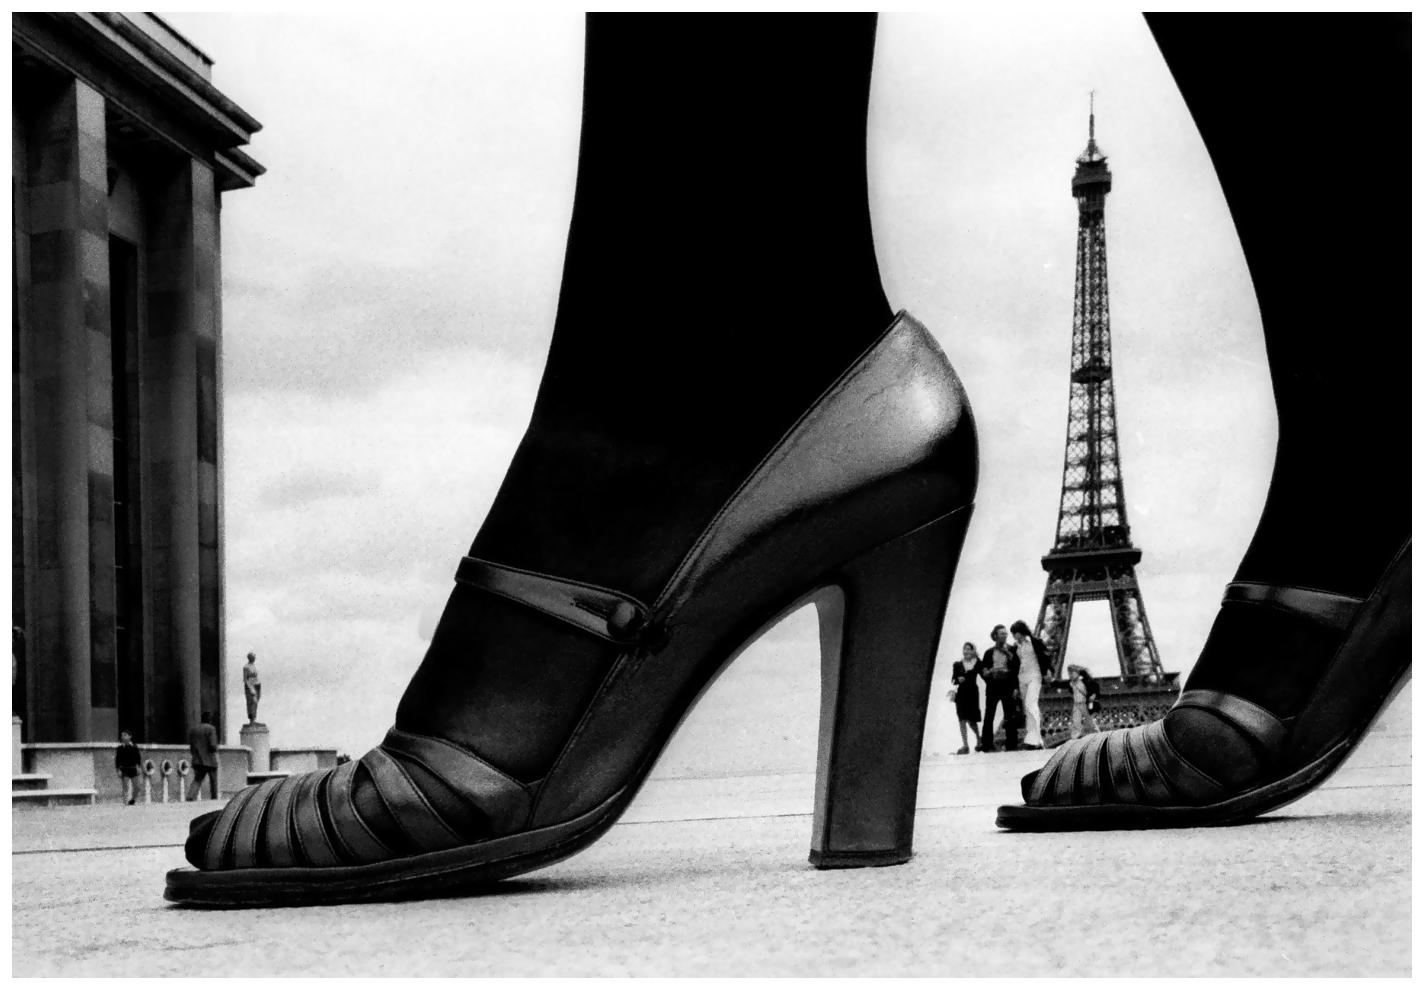 Paris 1974